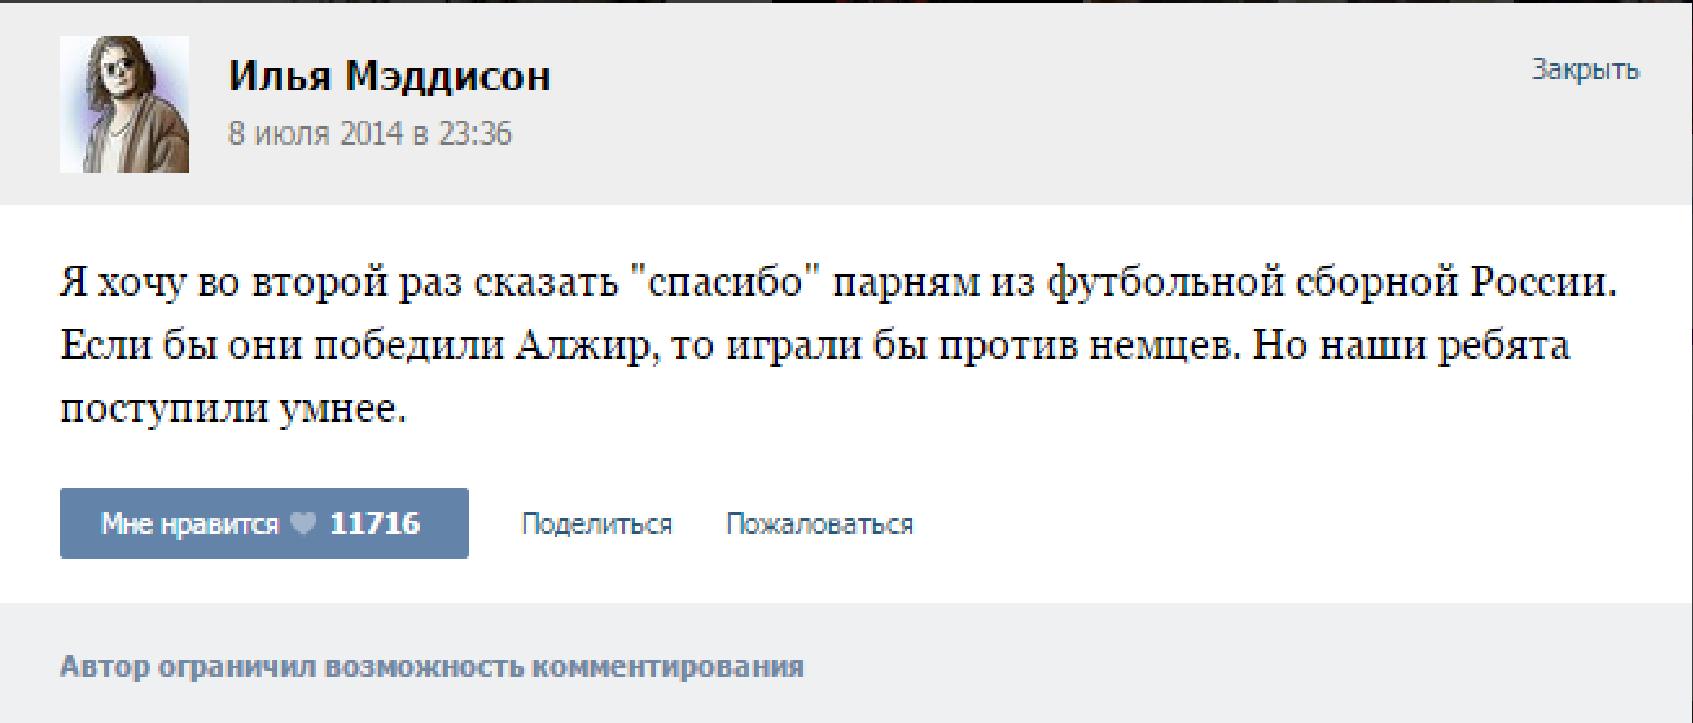 Мэддисон о России